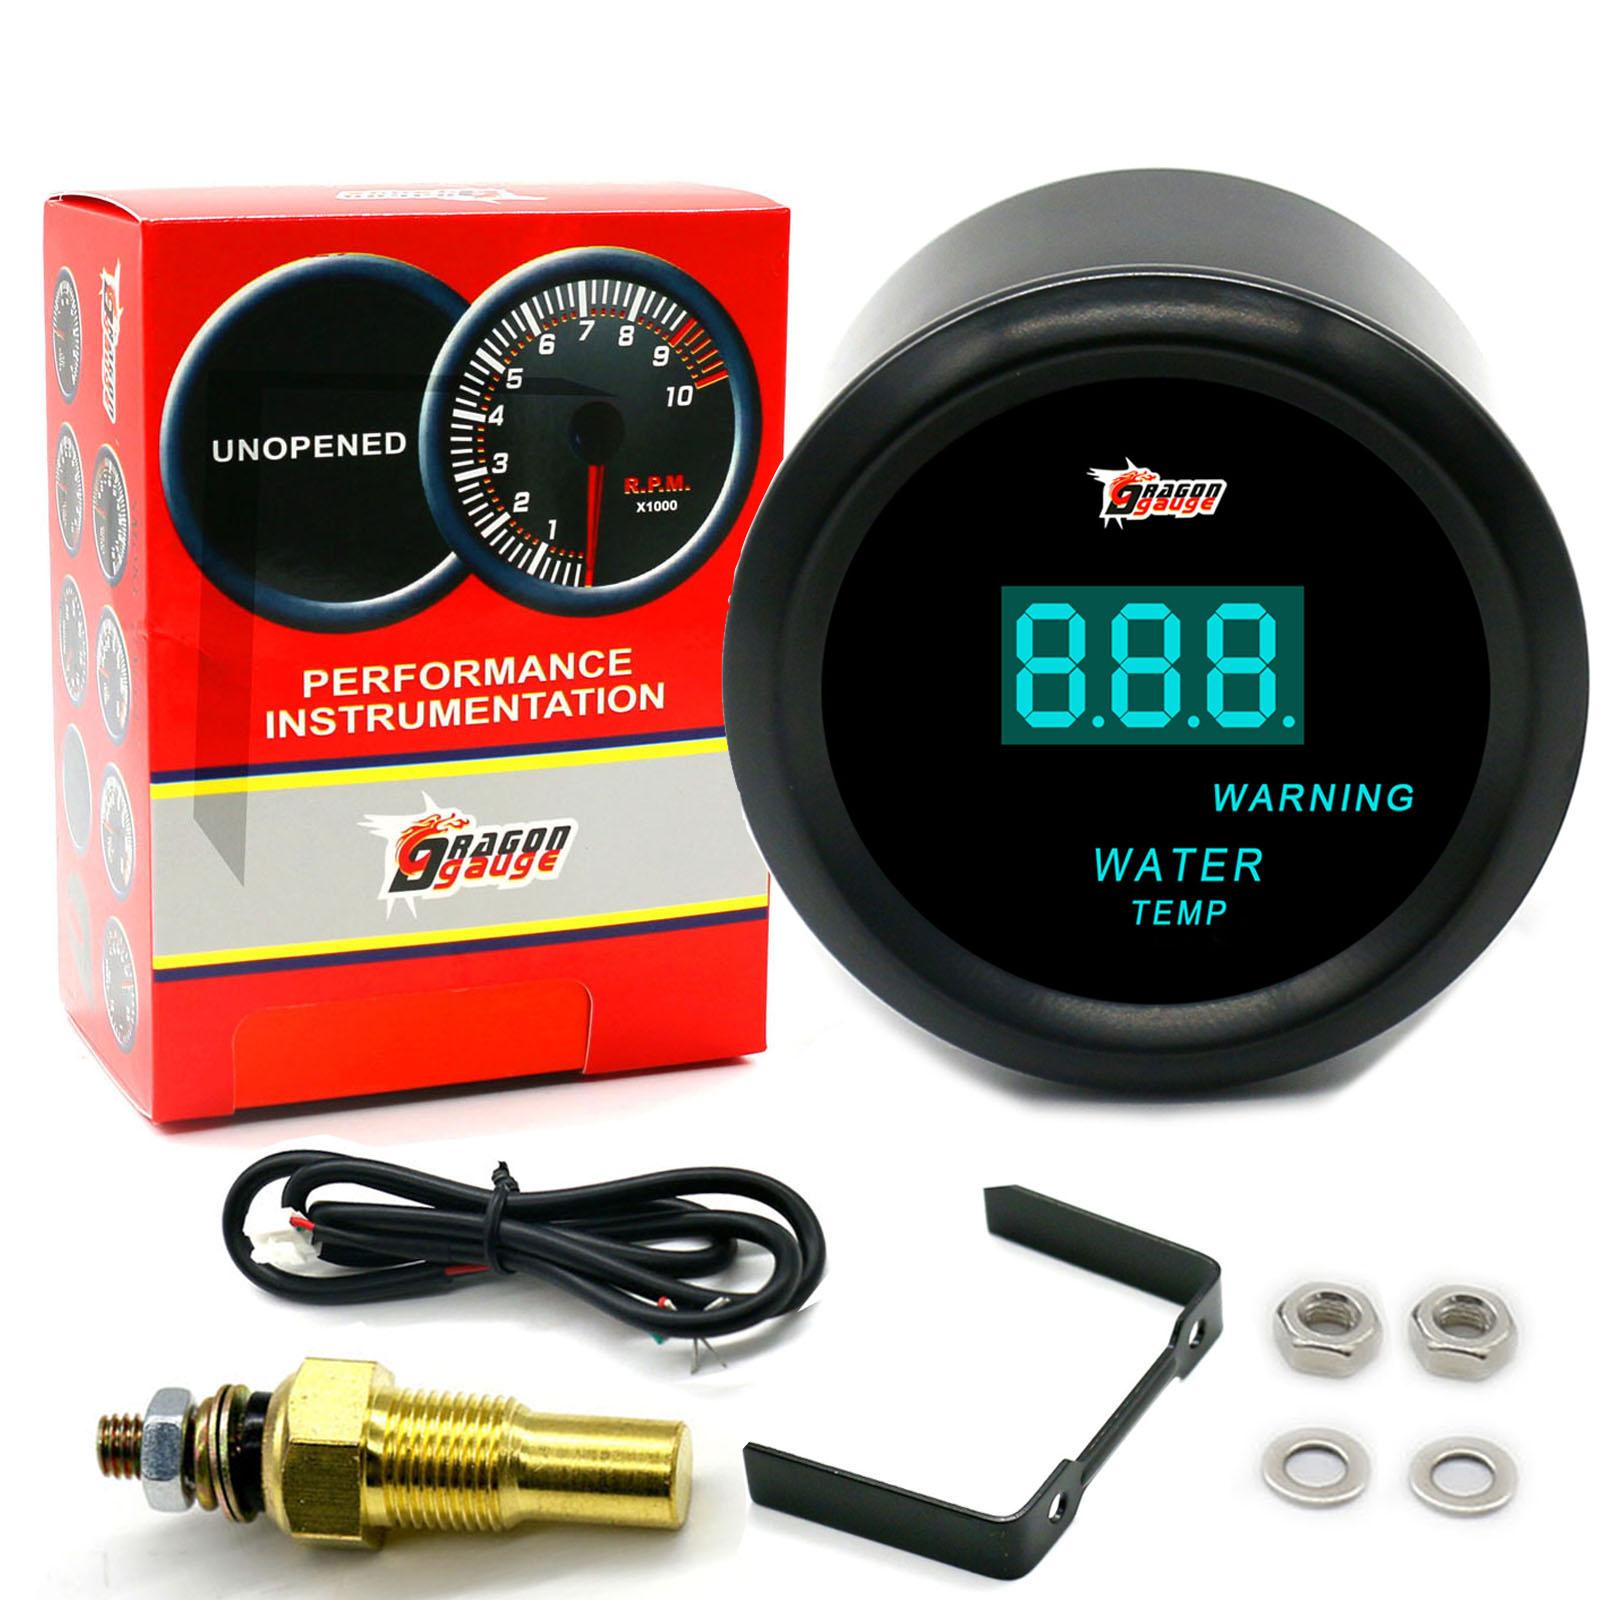 Water Temperature Meter,2inch 52mm Universal Car Truck LED Digital Water Temperature Gauge Instrument Tool